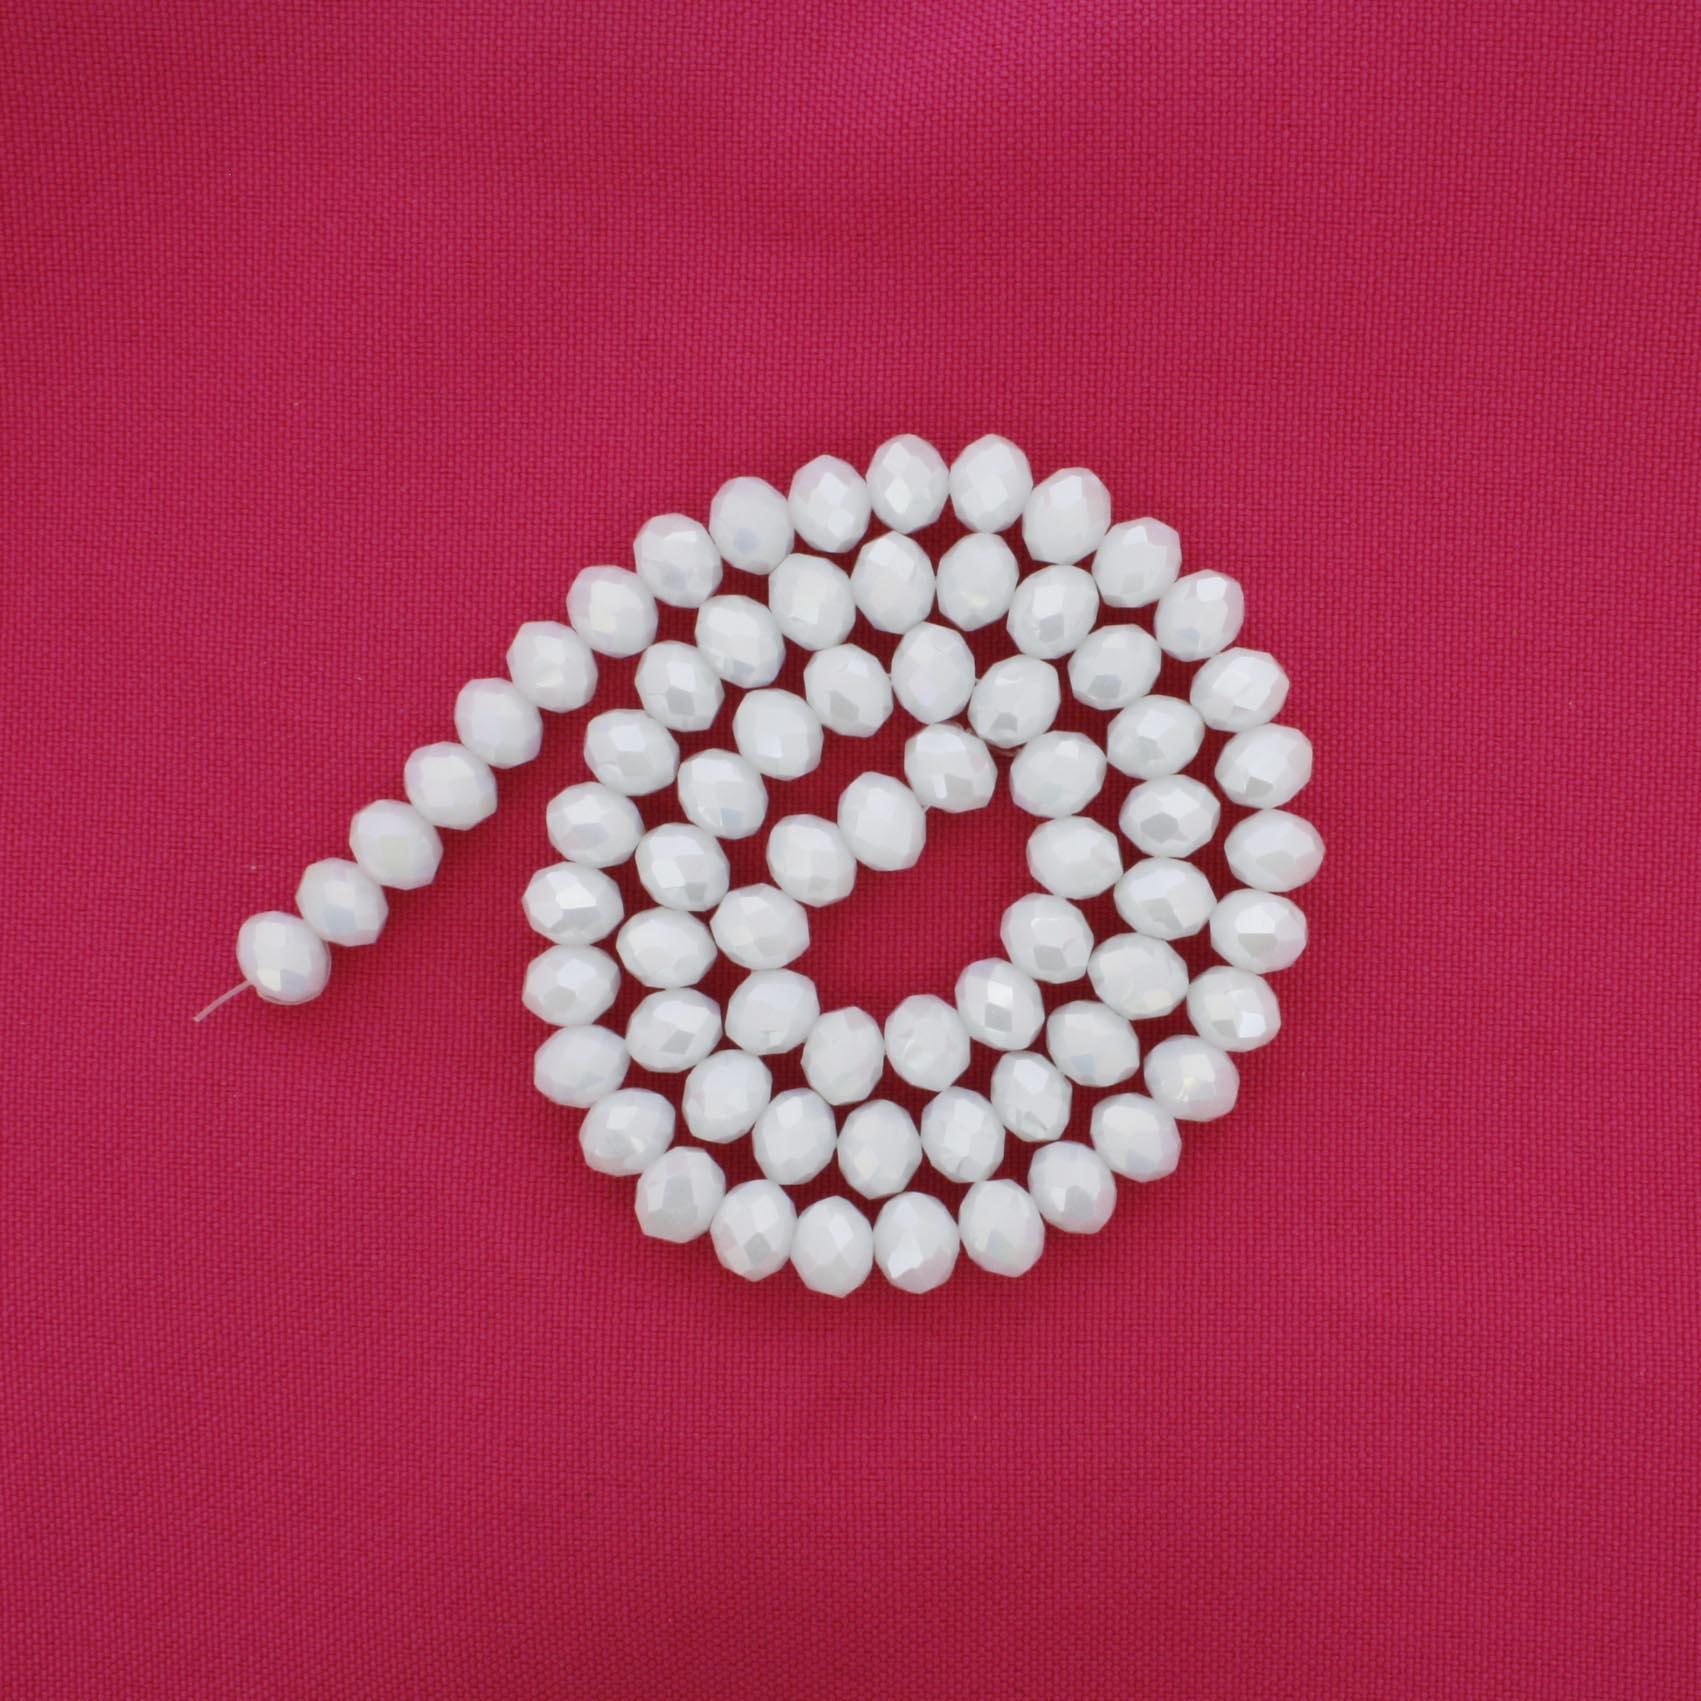 Fio de Cristal - Flat® - Branco Perolado - 8mm  - Stéphanie Bijoux® - Peças para Bijuterias e Artesanato